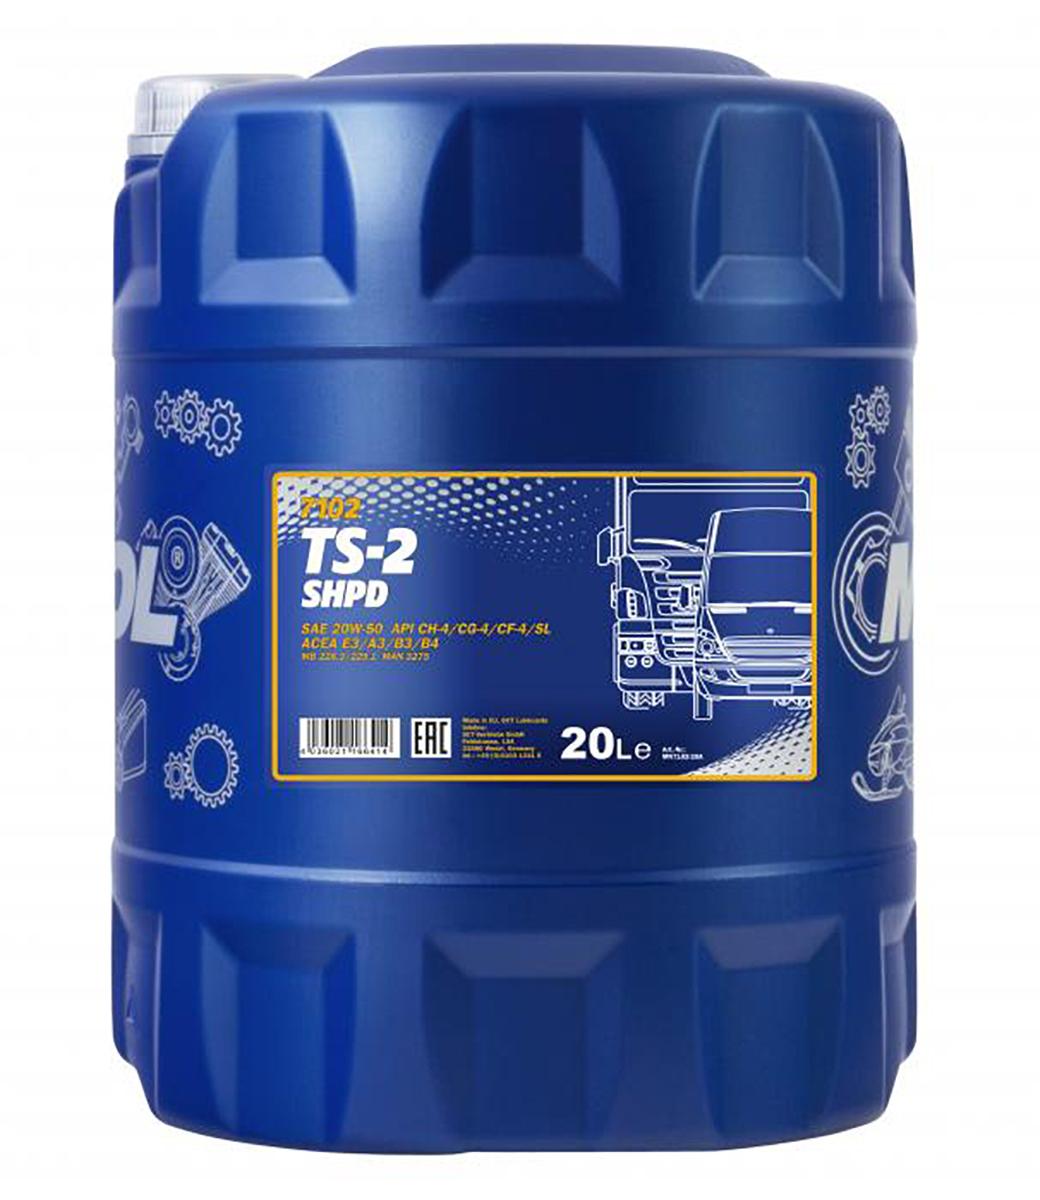 TS-2 SHPD 20W-50